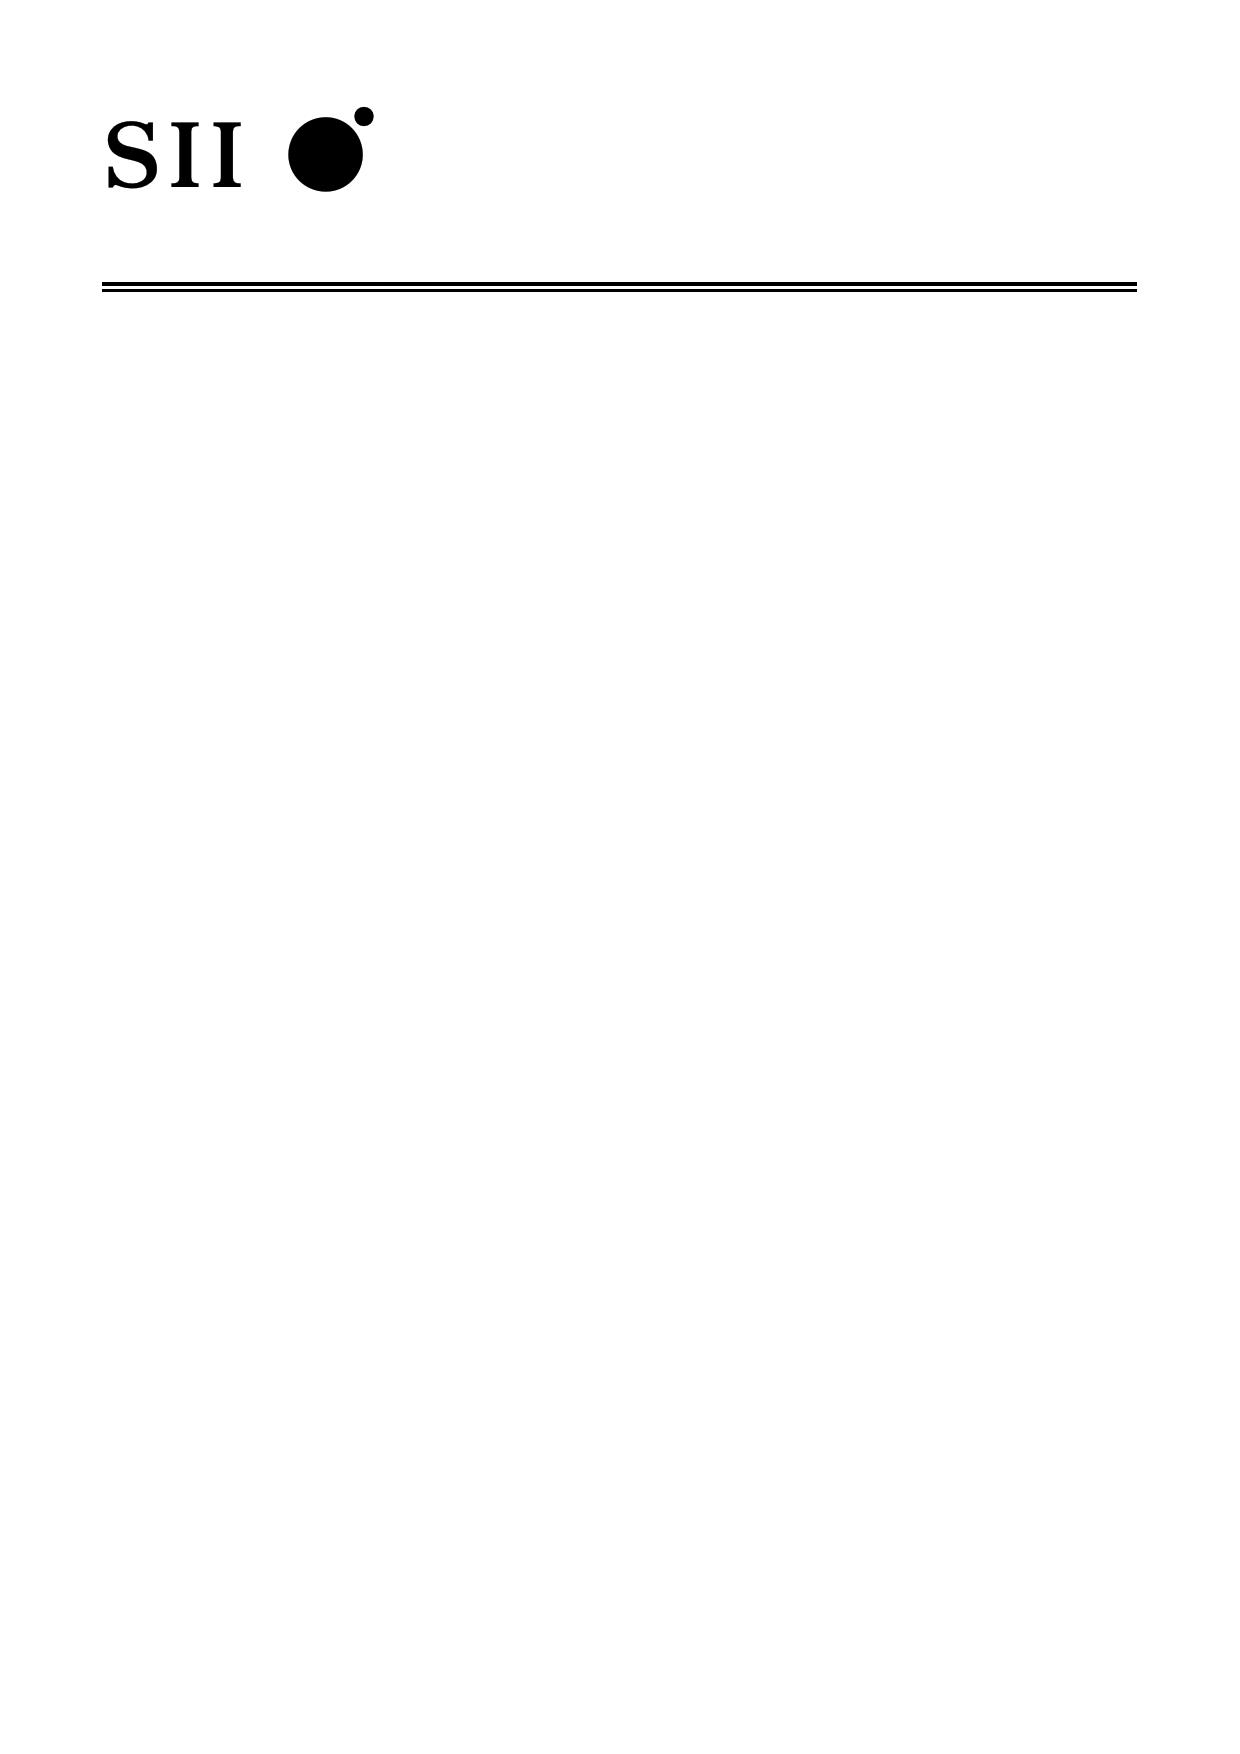 S-1315 Даташит, Описание, Даташиты